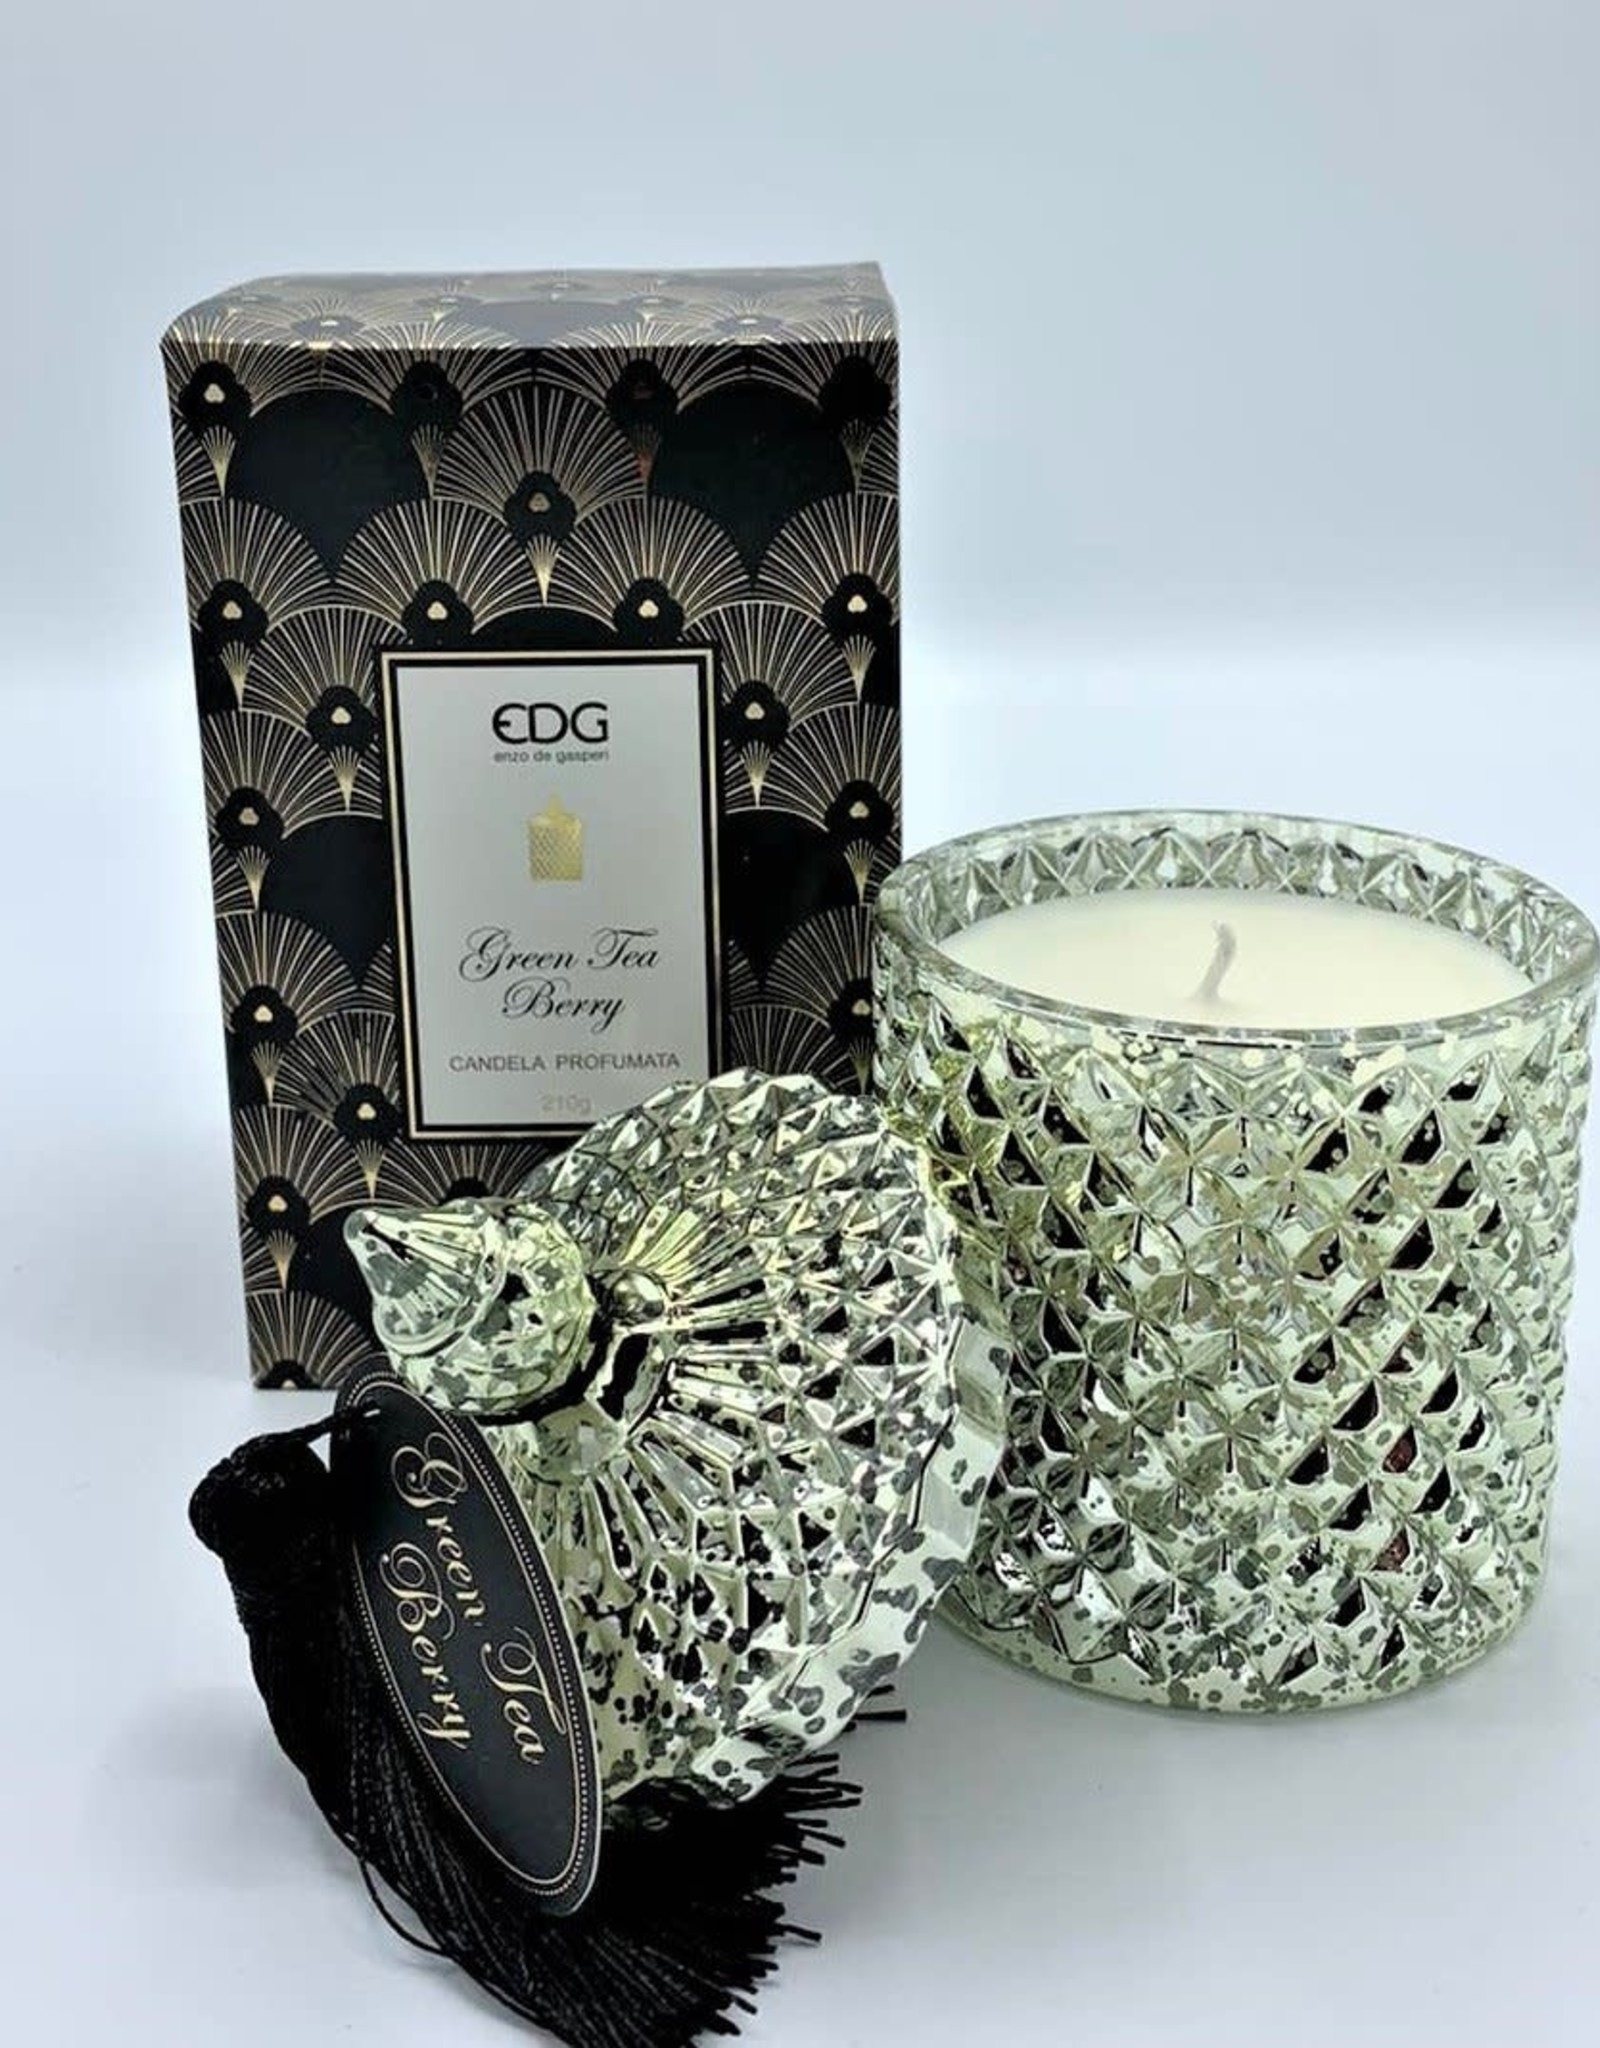 EDG Geurkaars gold EDG Green tea